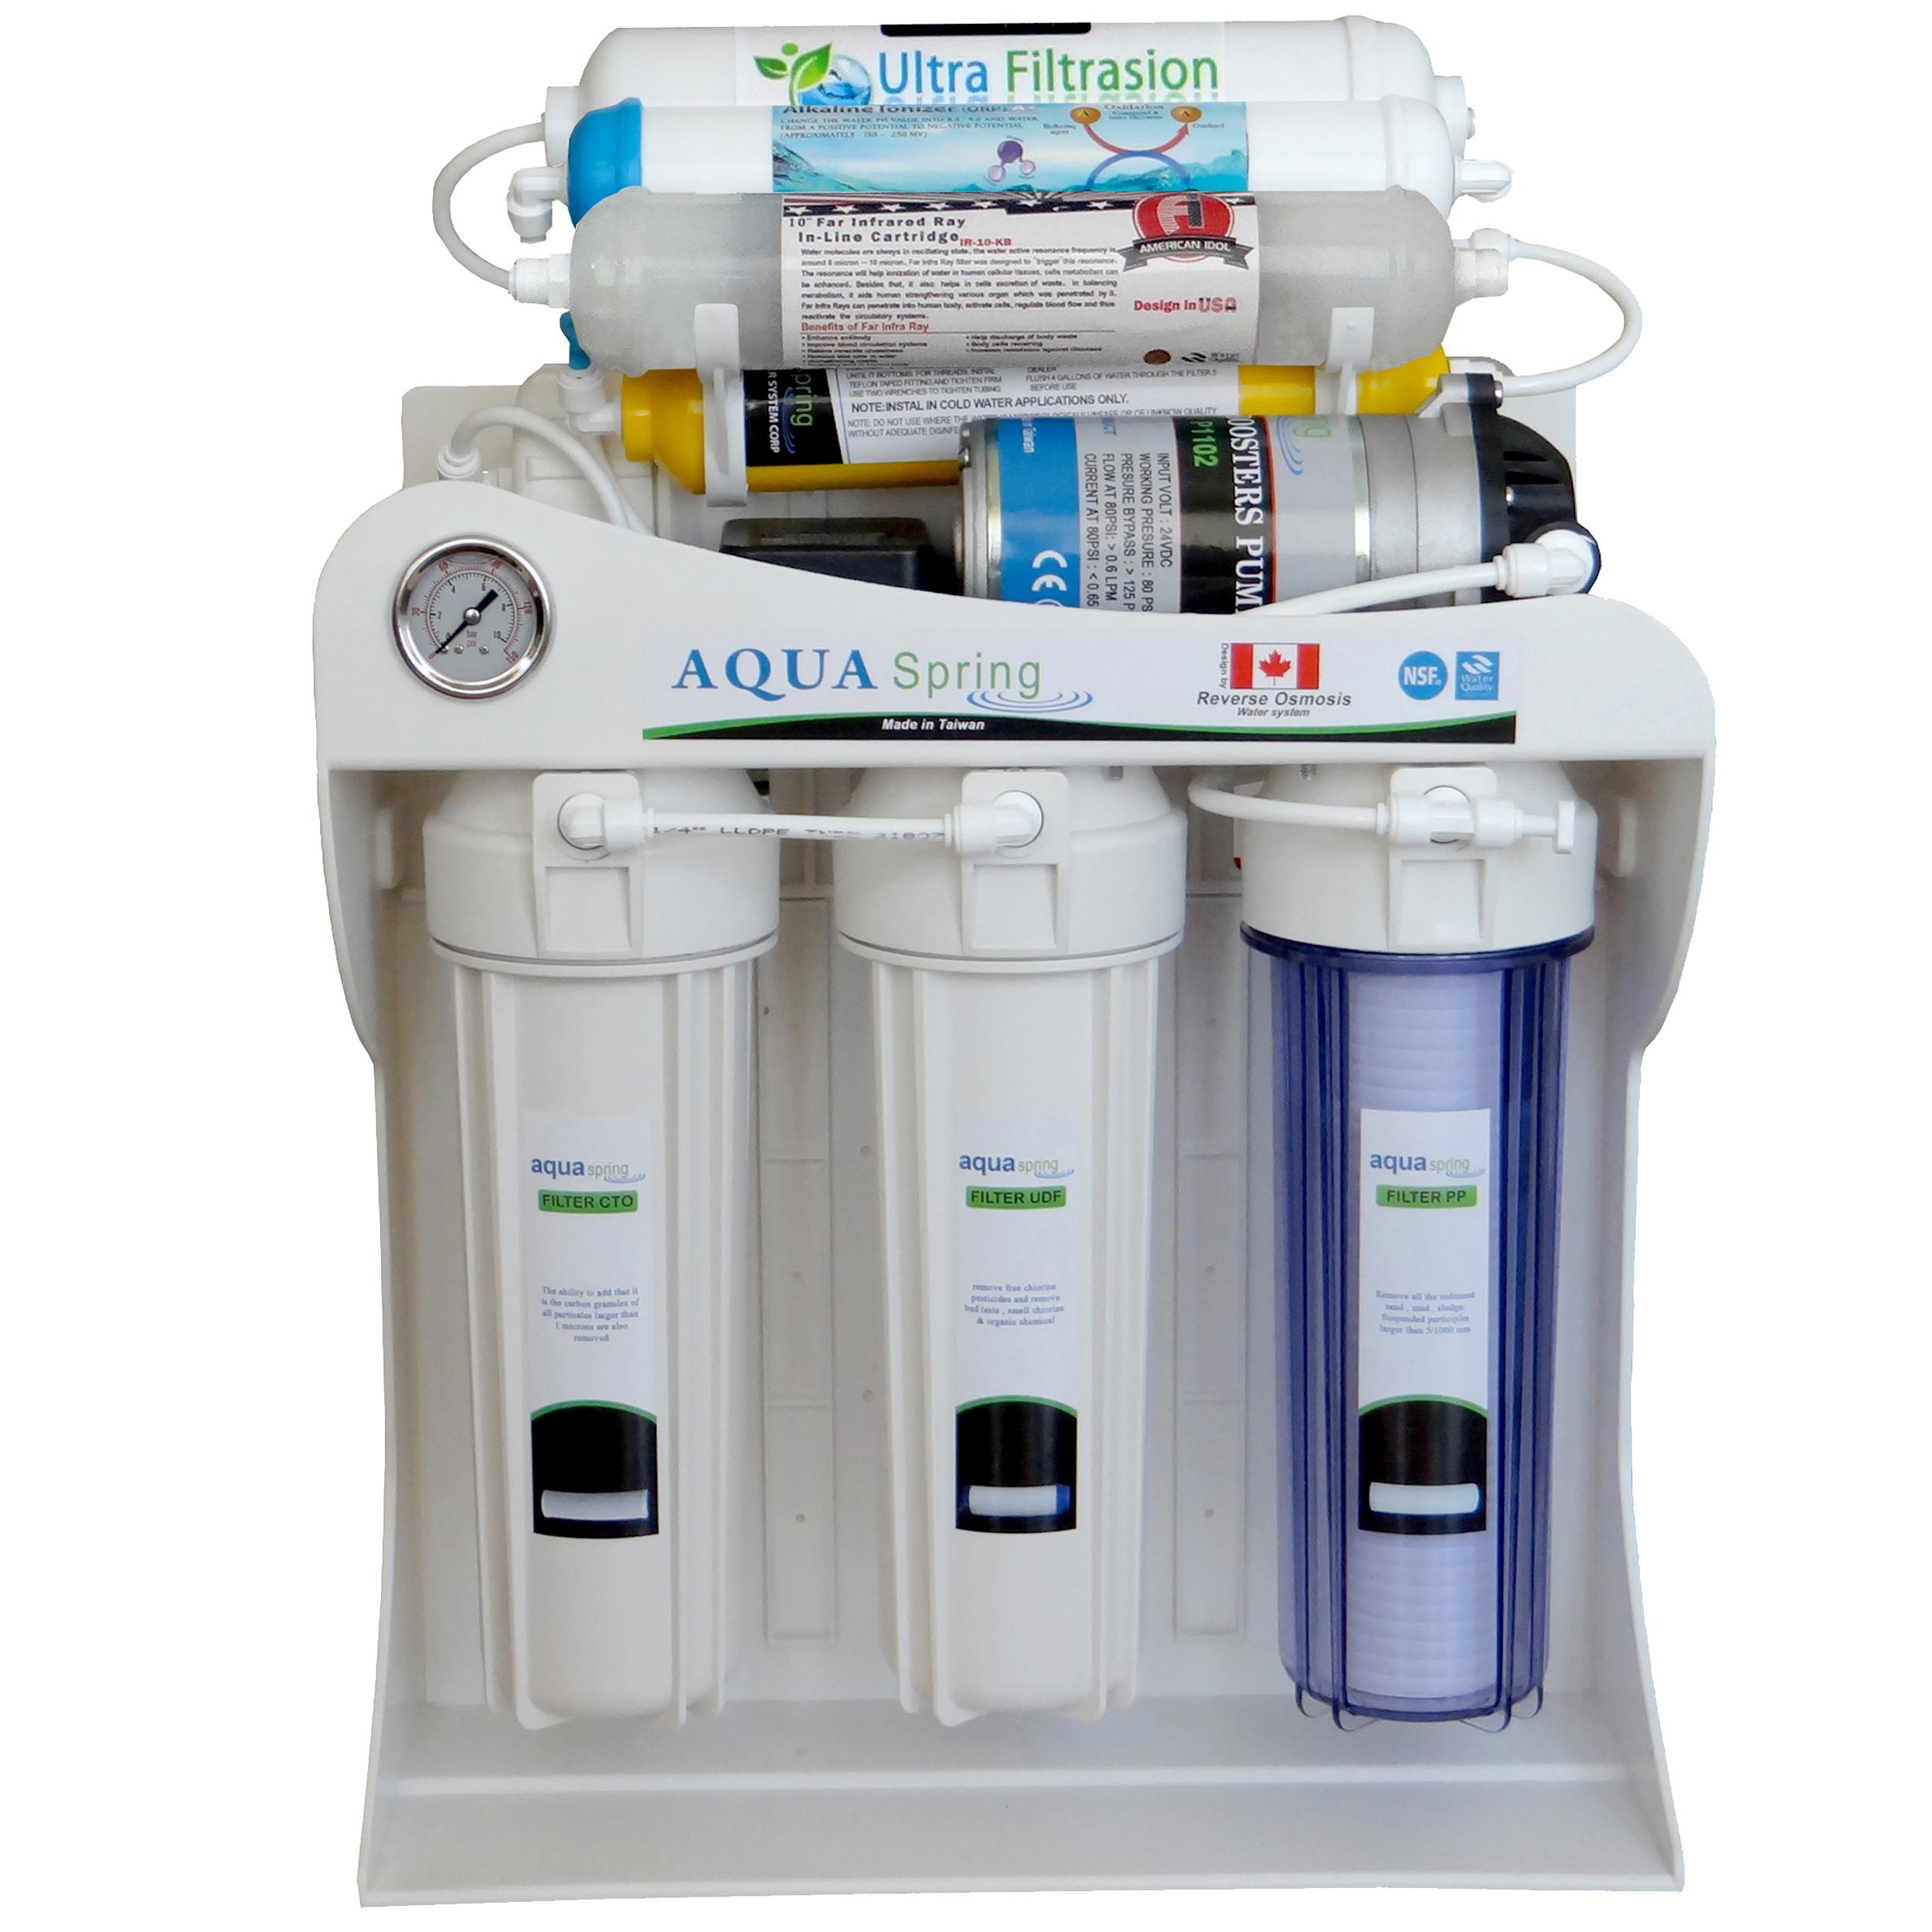 دستگاه تصفیه کننده آب آکوآ اسپرینگ مدل UF – SF3600